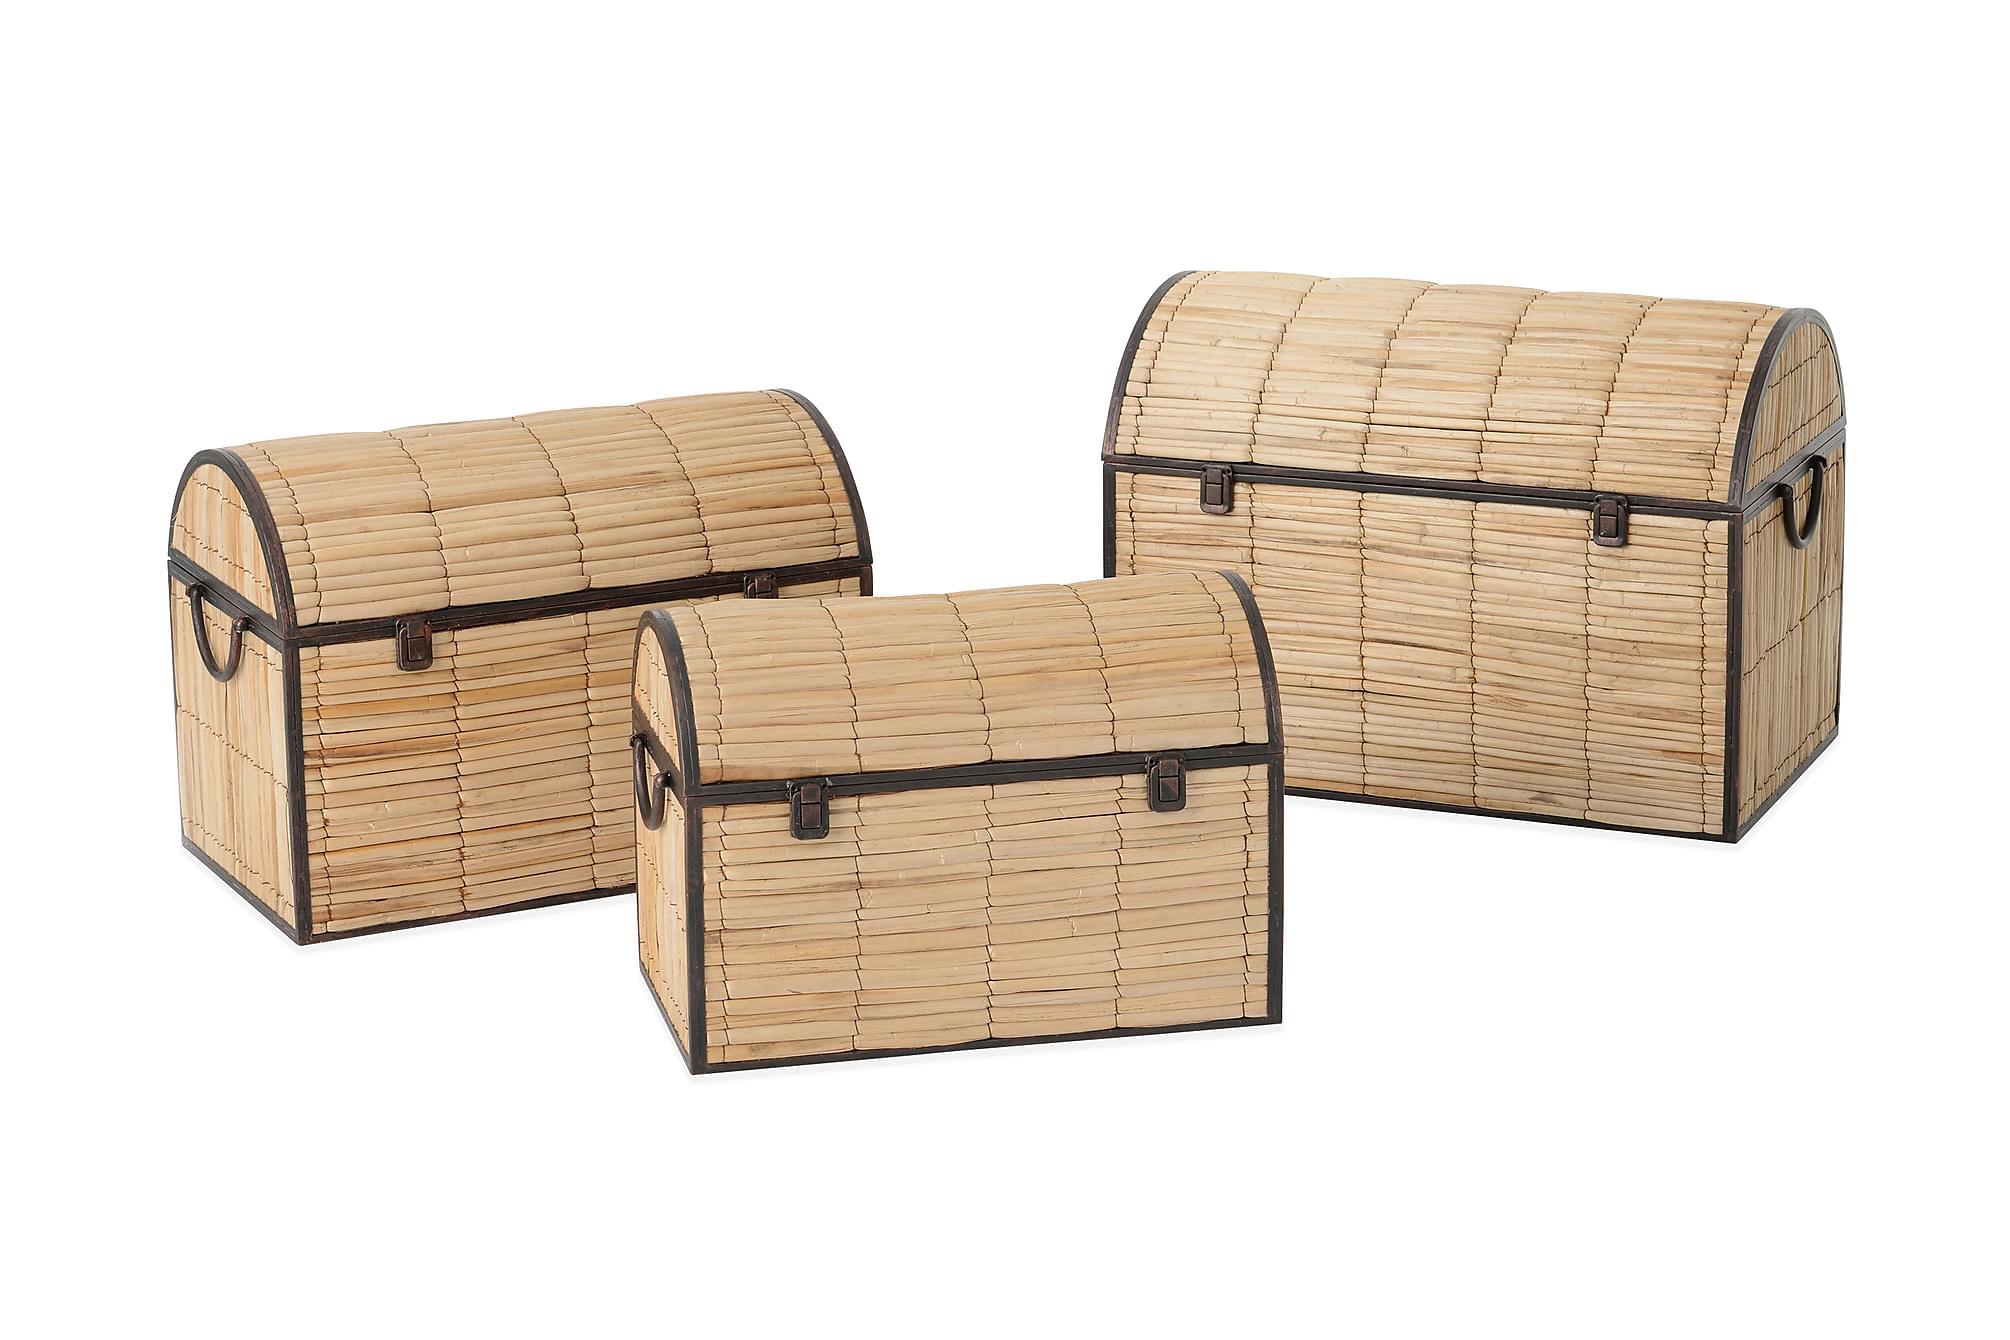 Förvaringslåda 64 Trä/Natur, Förvaringslådor & korgar